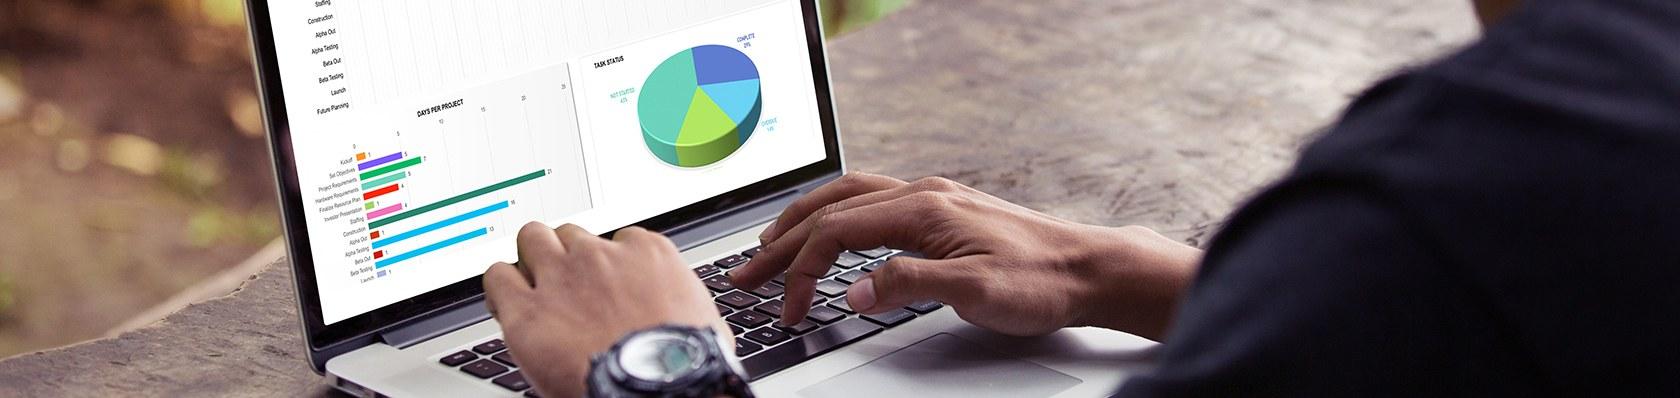 Excel Onlinekurs im Test auf ExpertenTesten.de